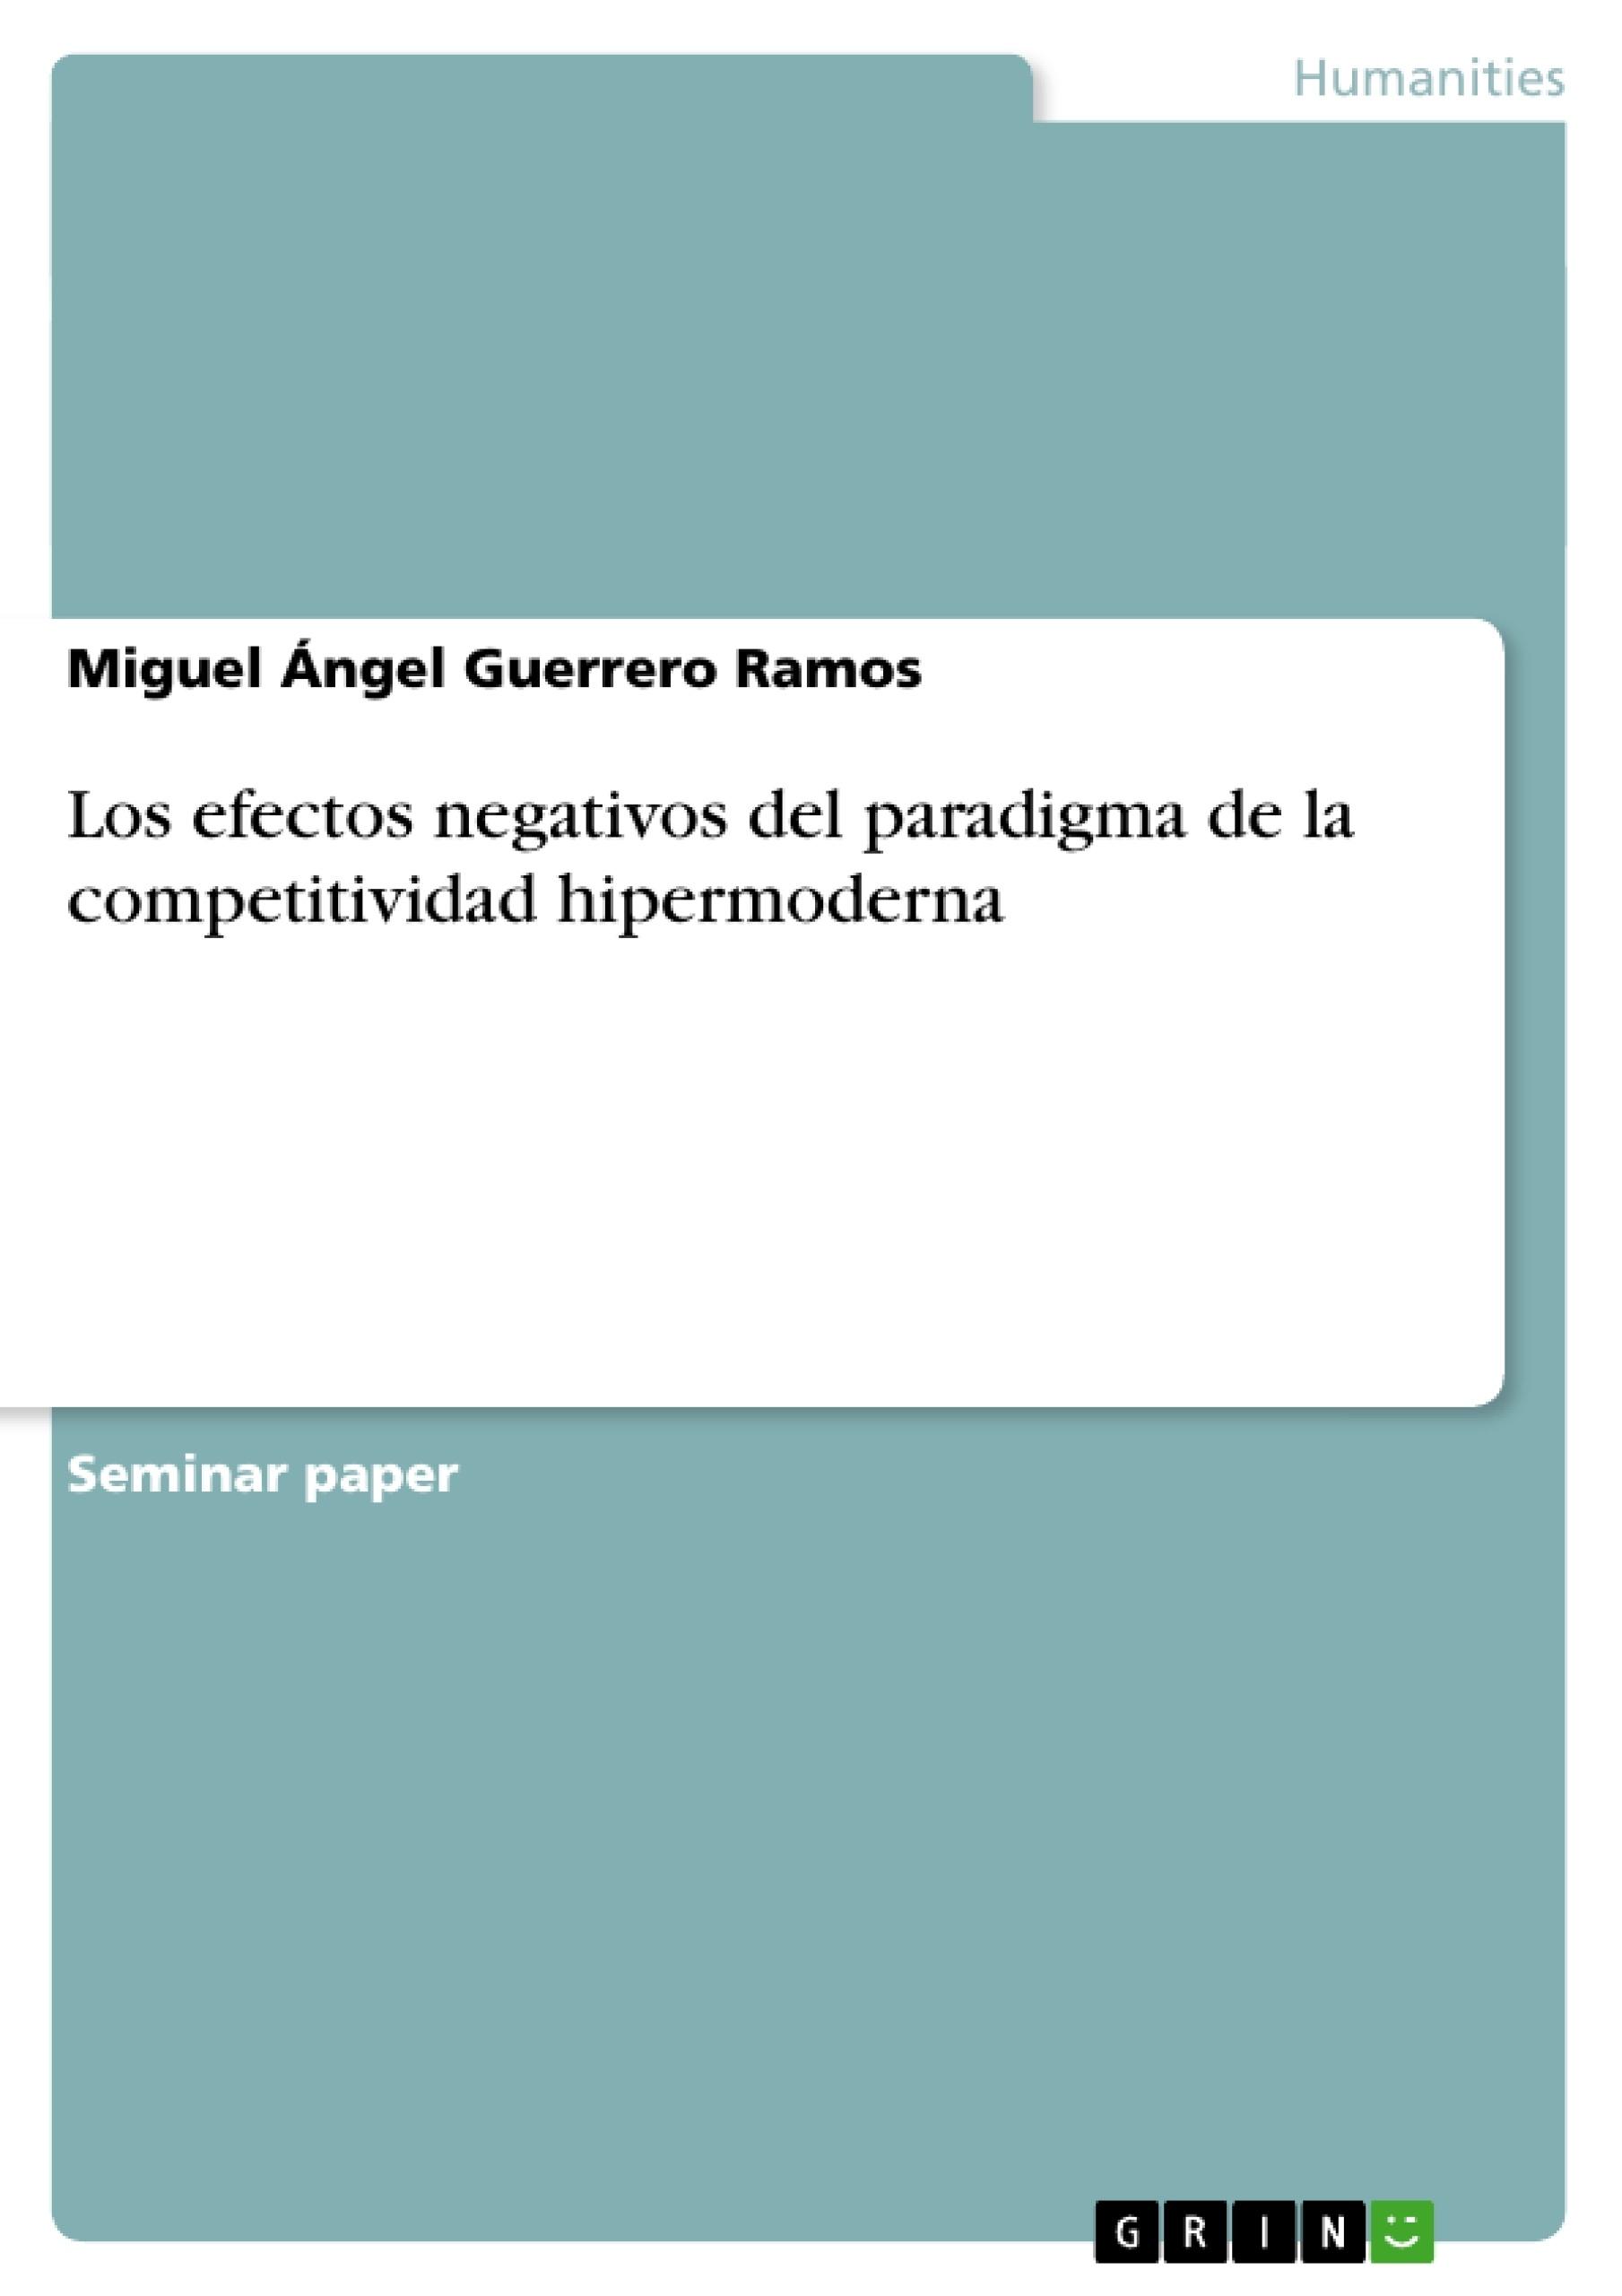 Título: Los efectos negativos del paradigma de la competitividad hipermoderna